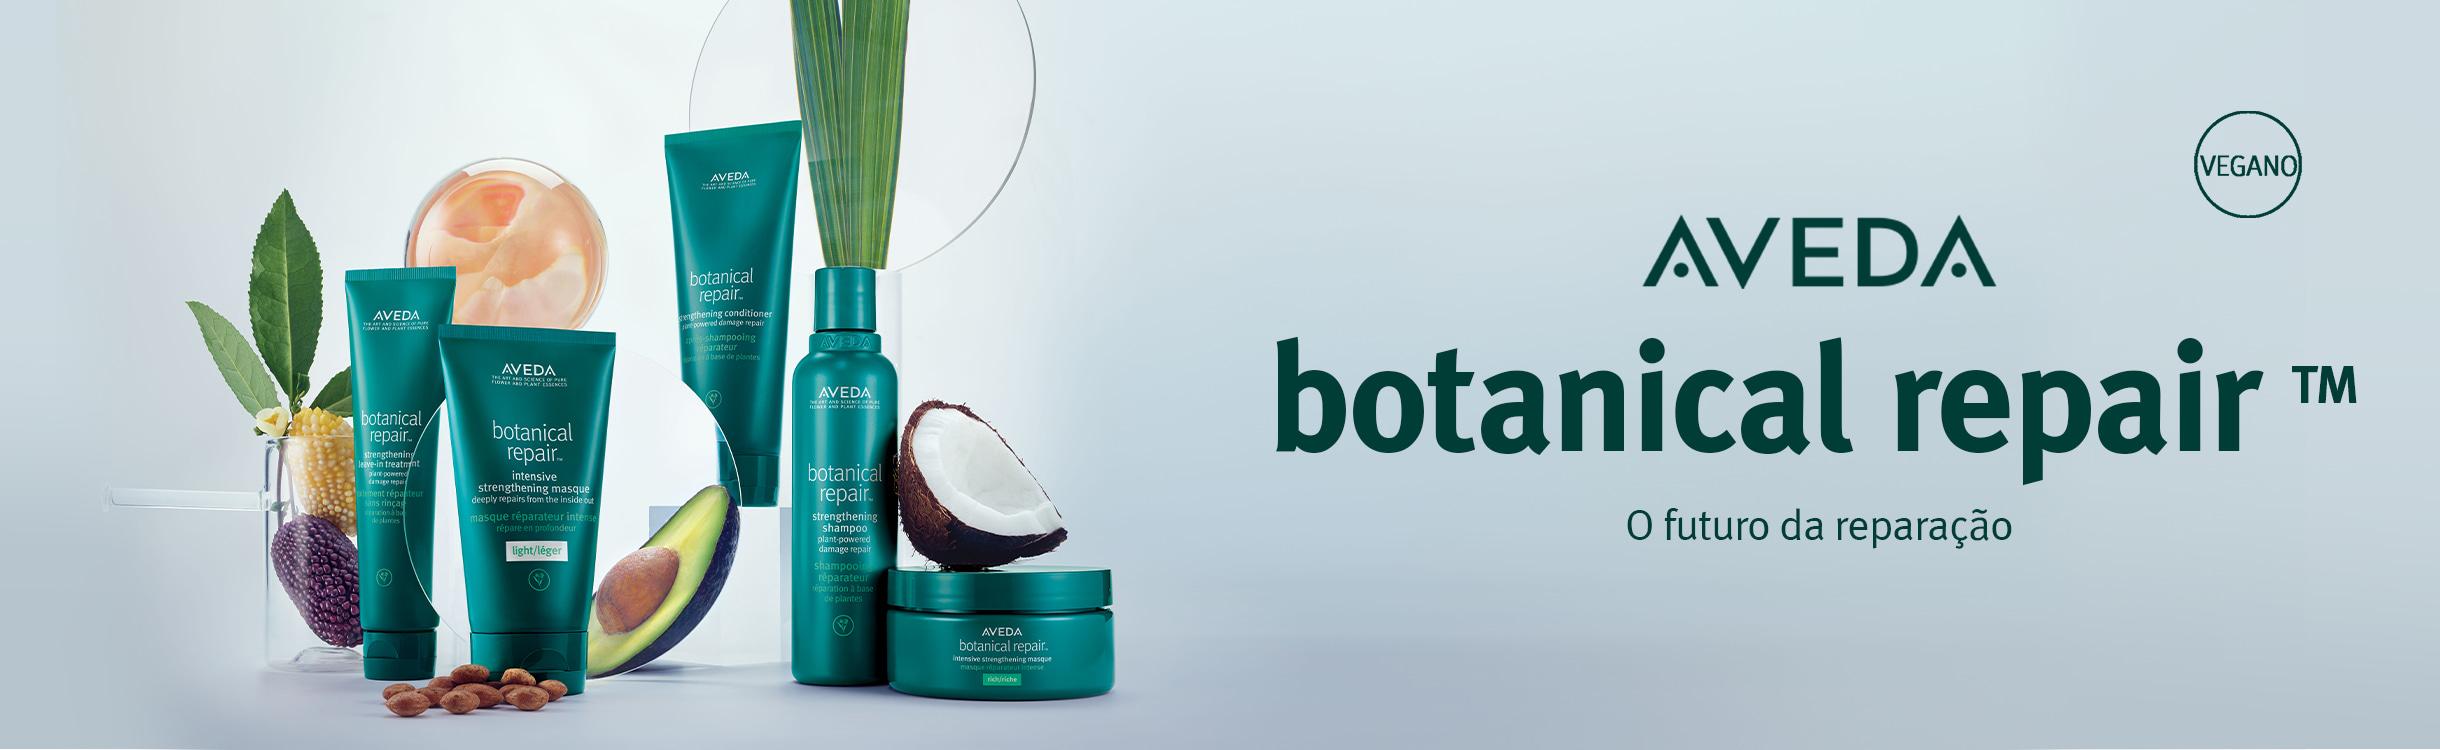 Aveda Botanical Repair